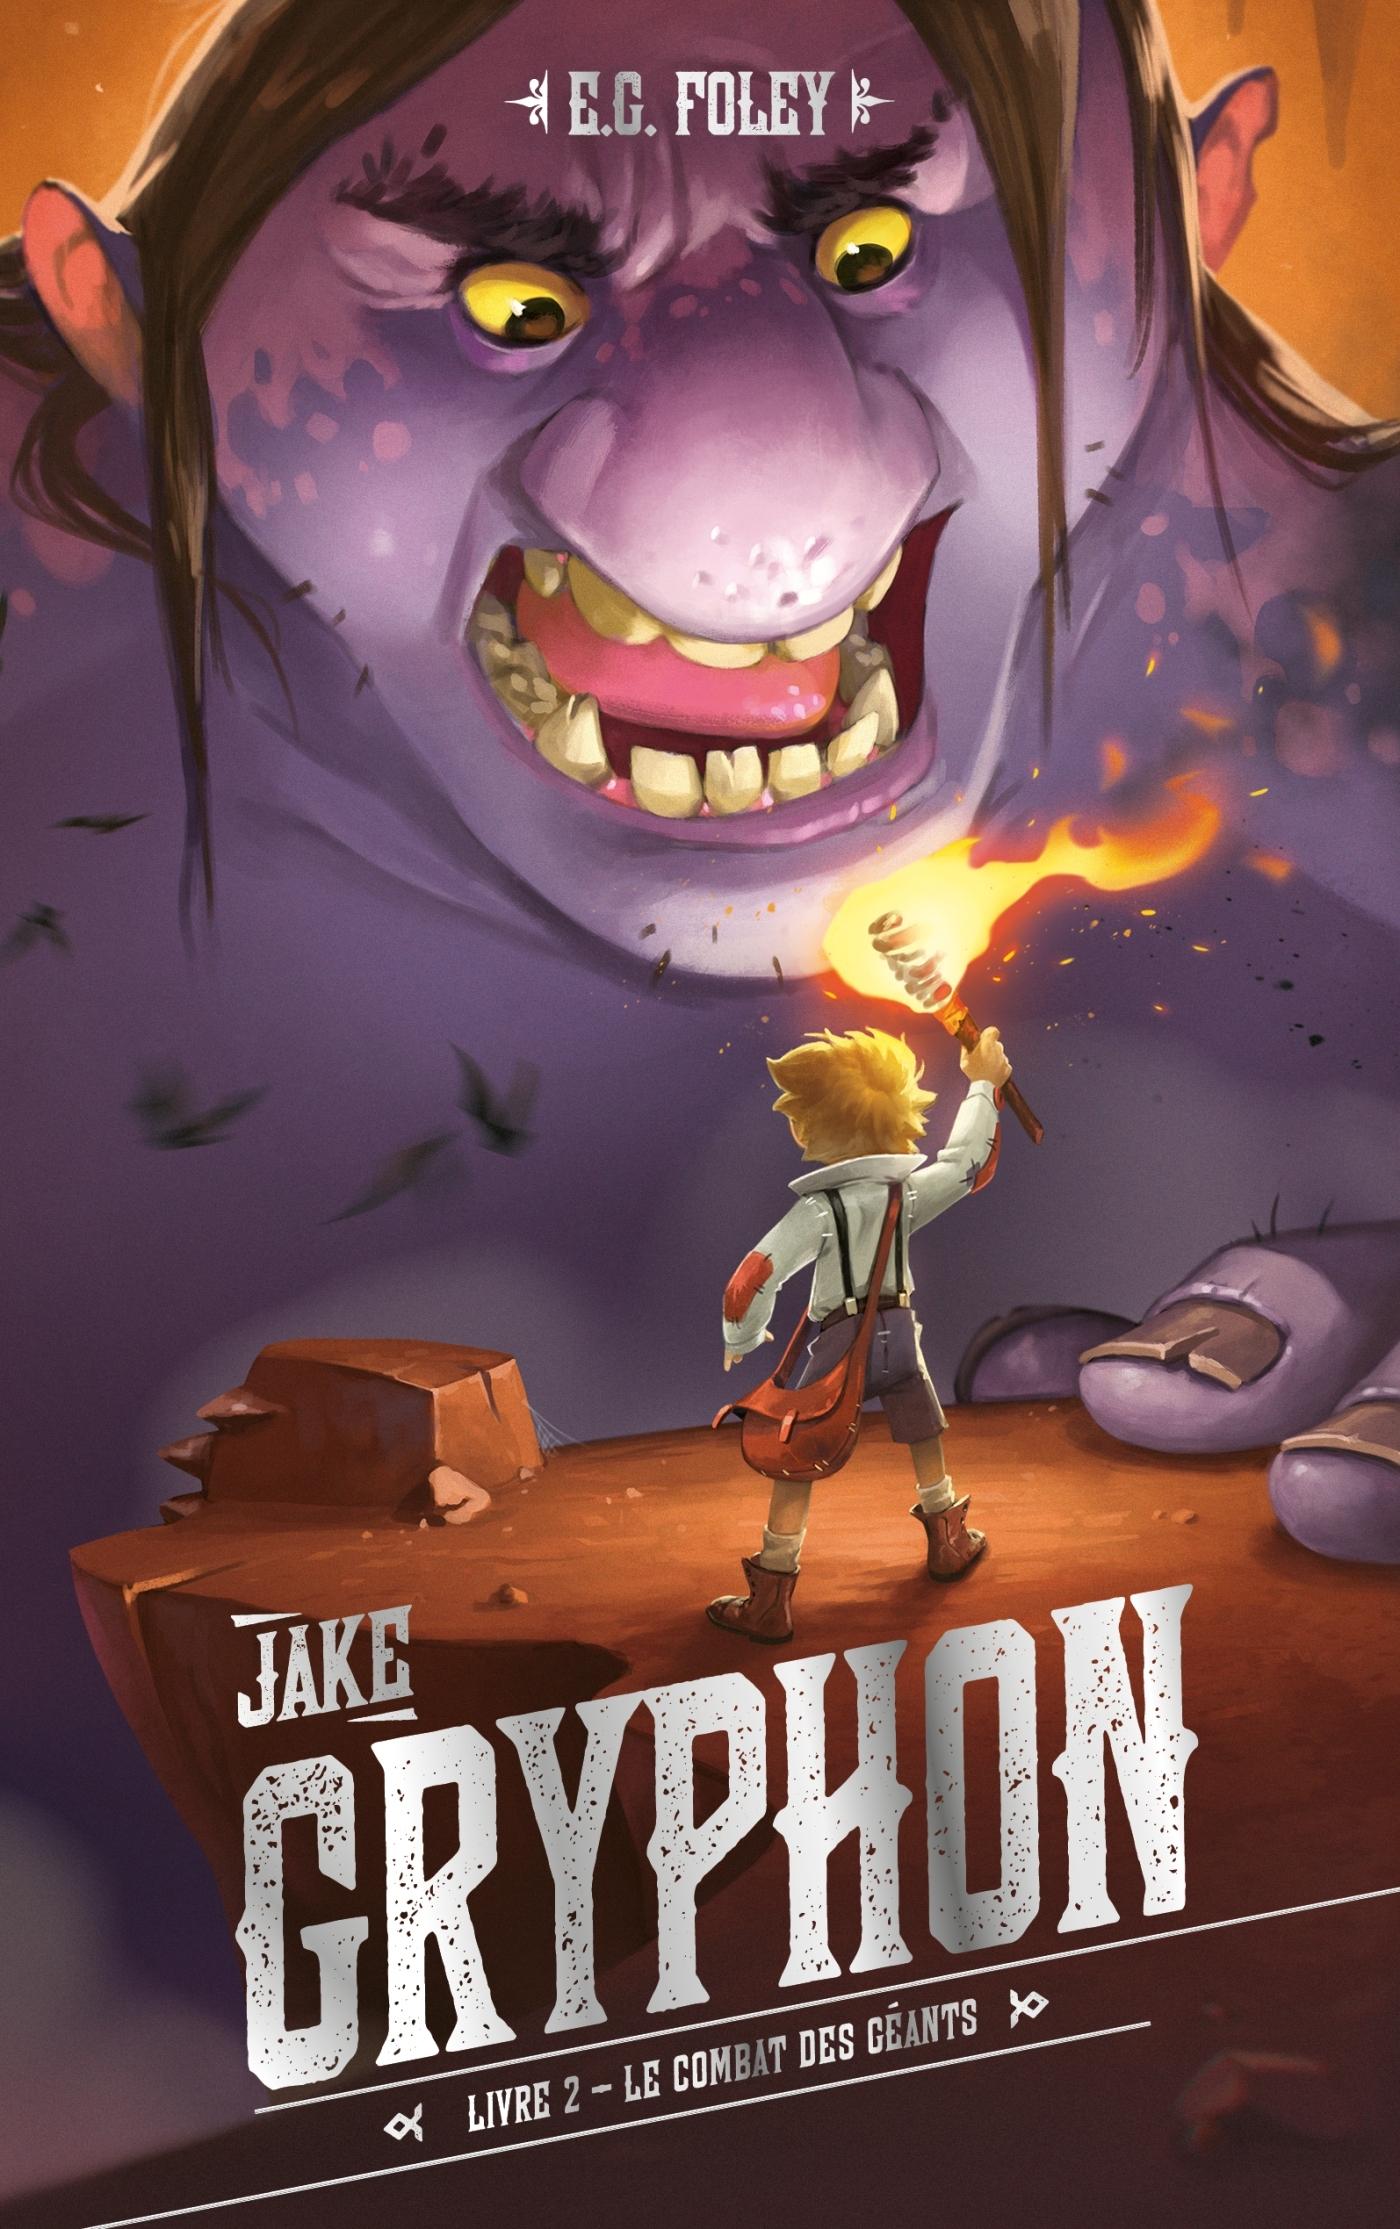 JAKE GRYPHON - LIVRE 2 - LE COMBAT DES GEANTS